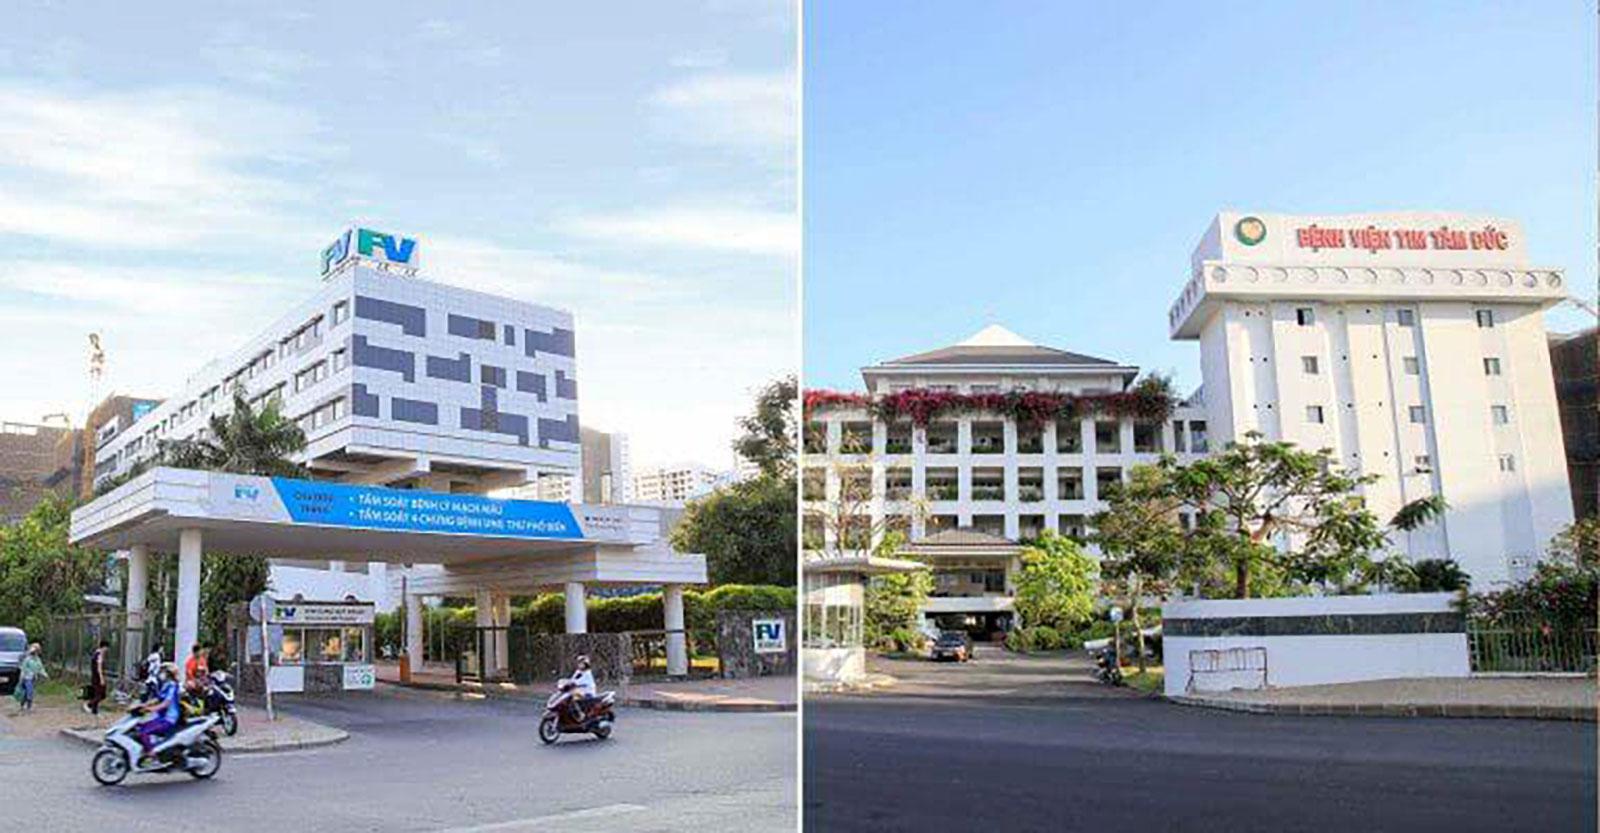 Bệnh viên quốc tế liền kề dự án Q7 Boulevard